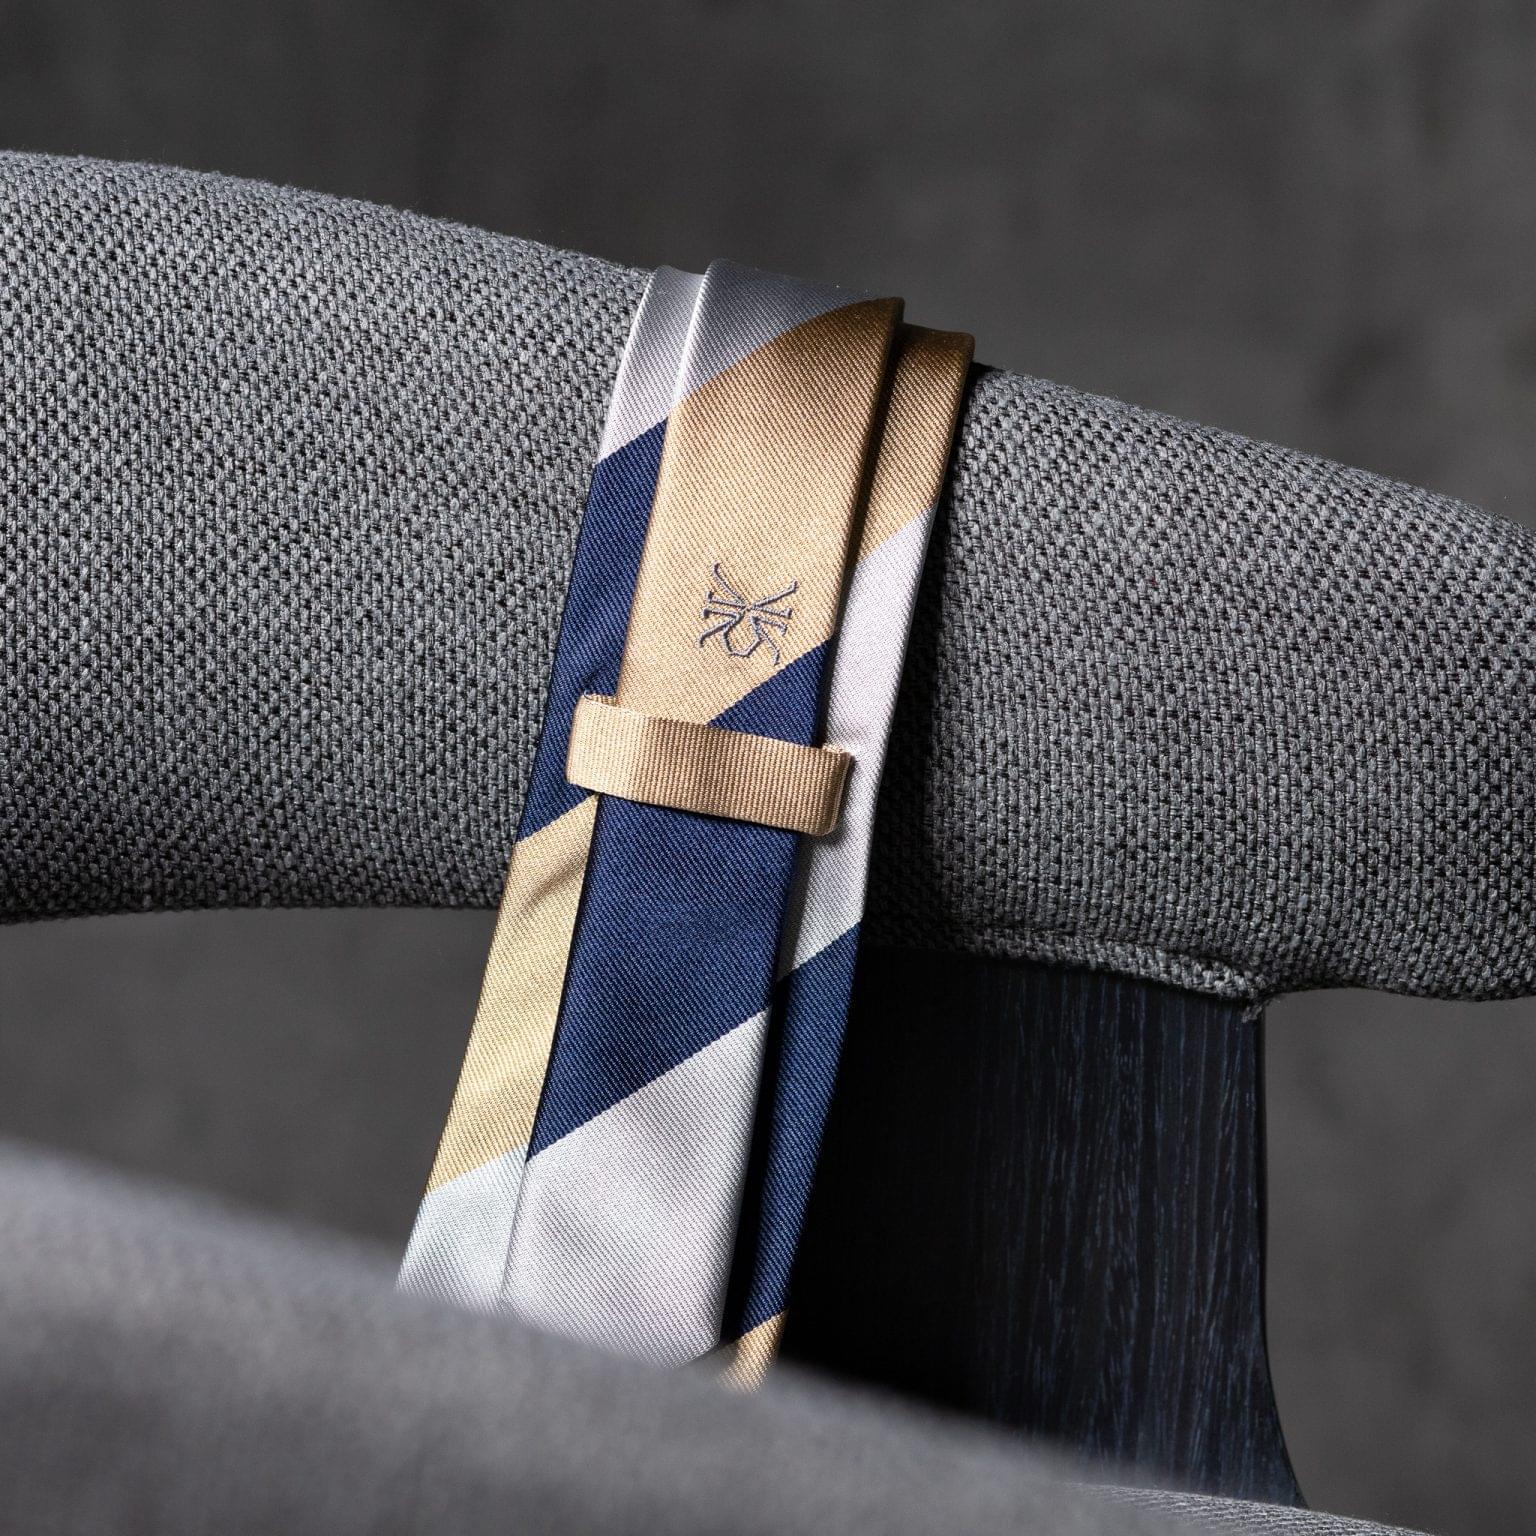 JACQUARD-0541-Tie-Initials-Corbata-Iniciales-The-Seelk-4